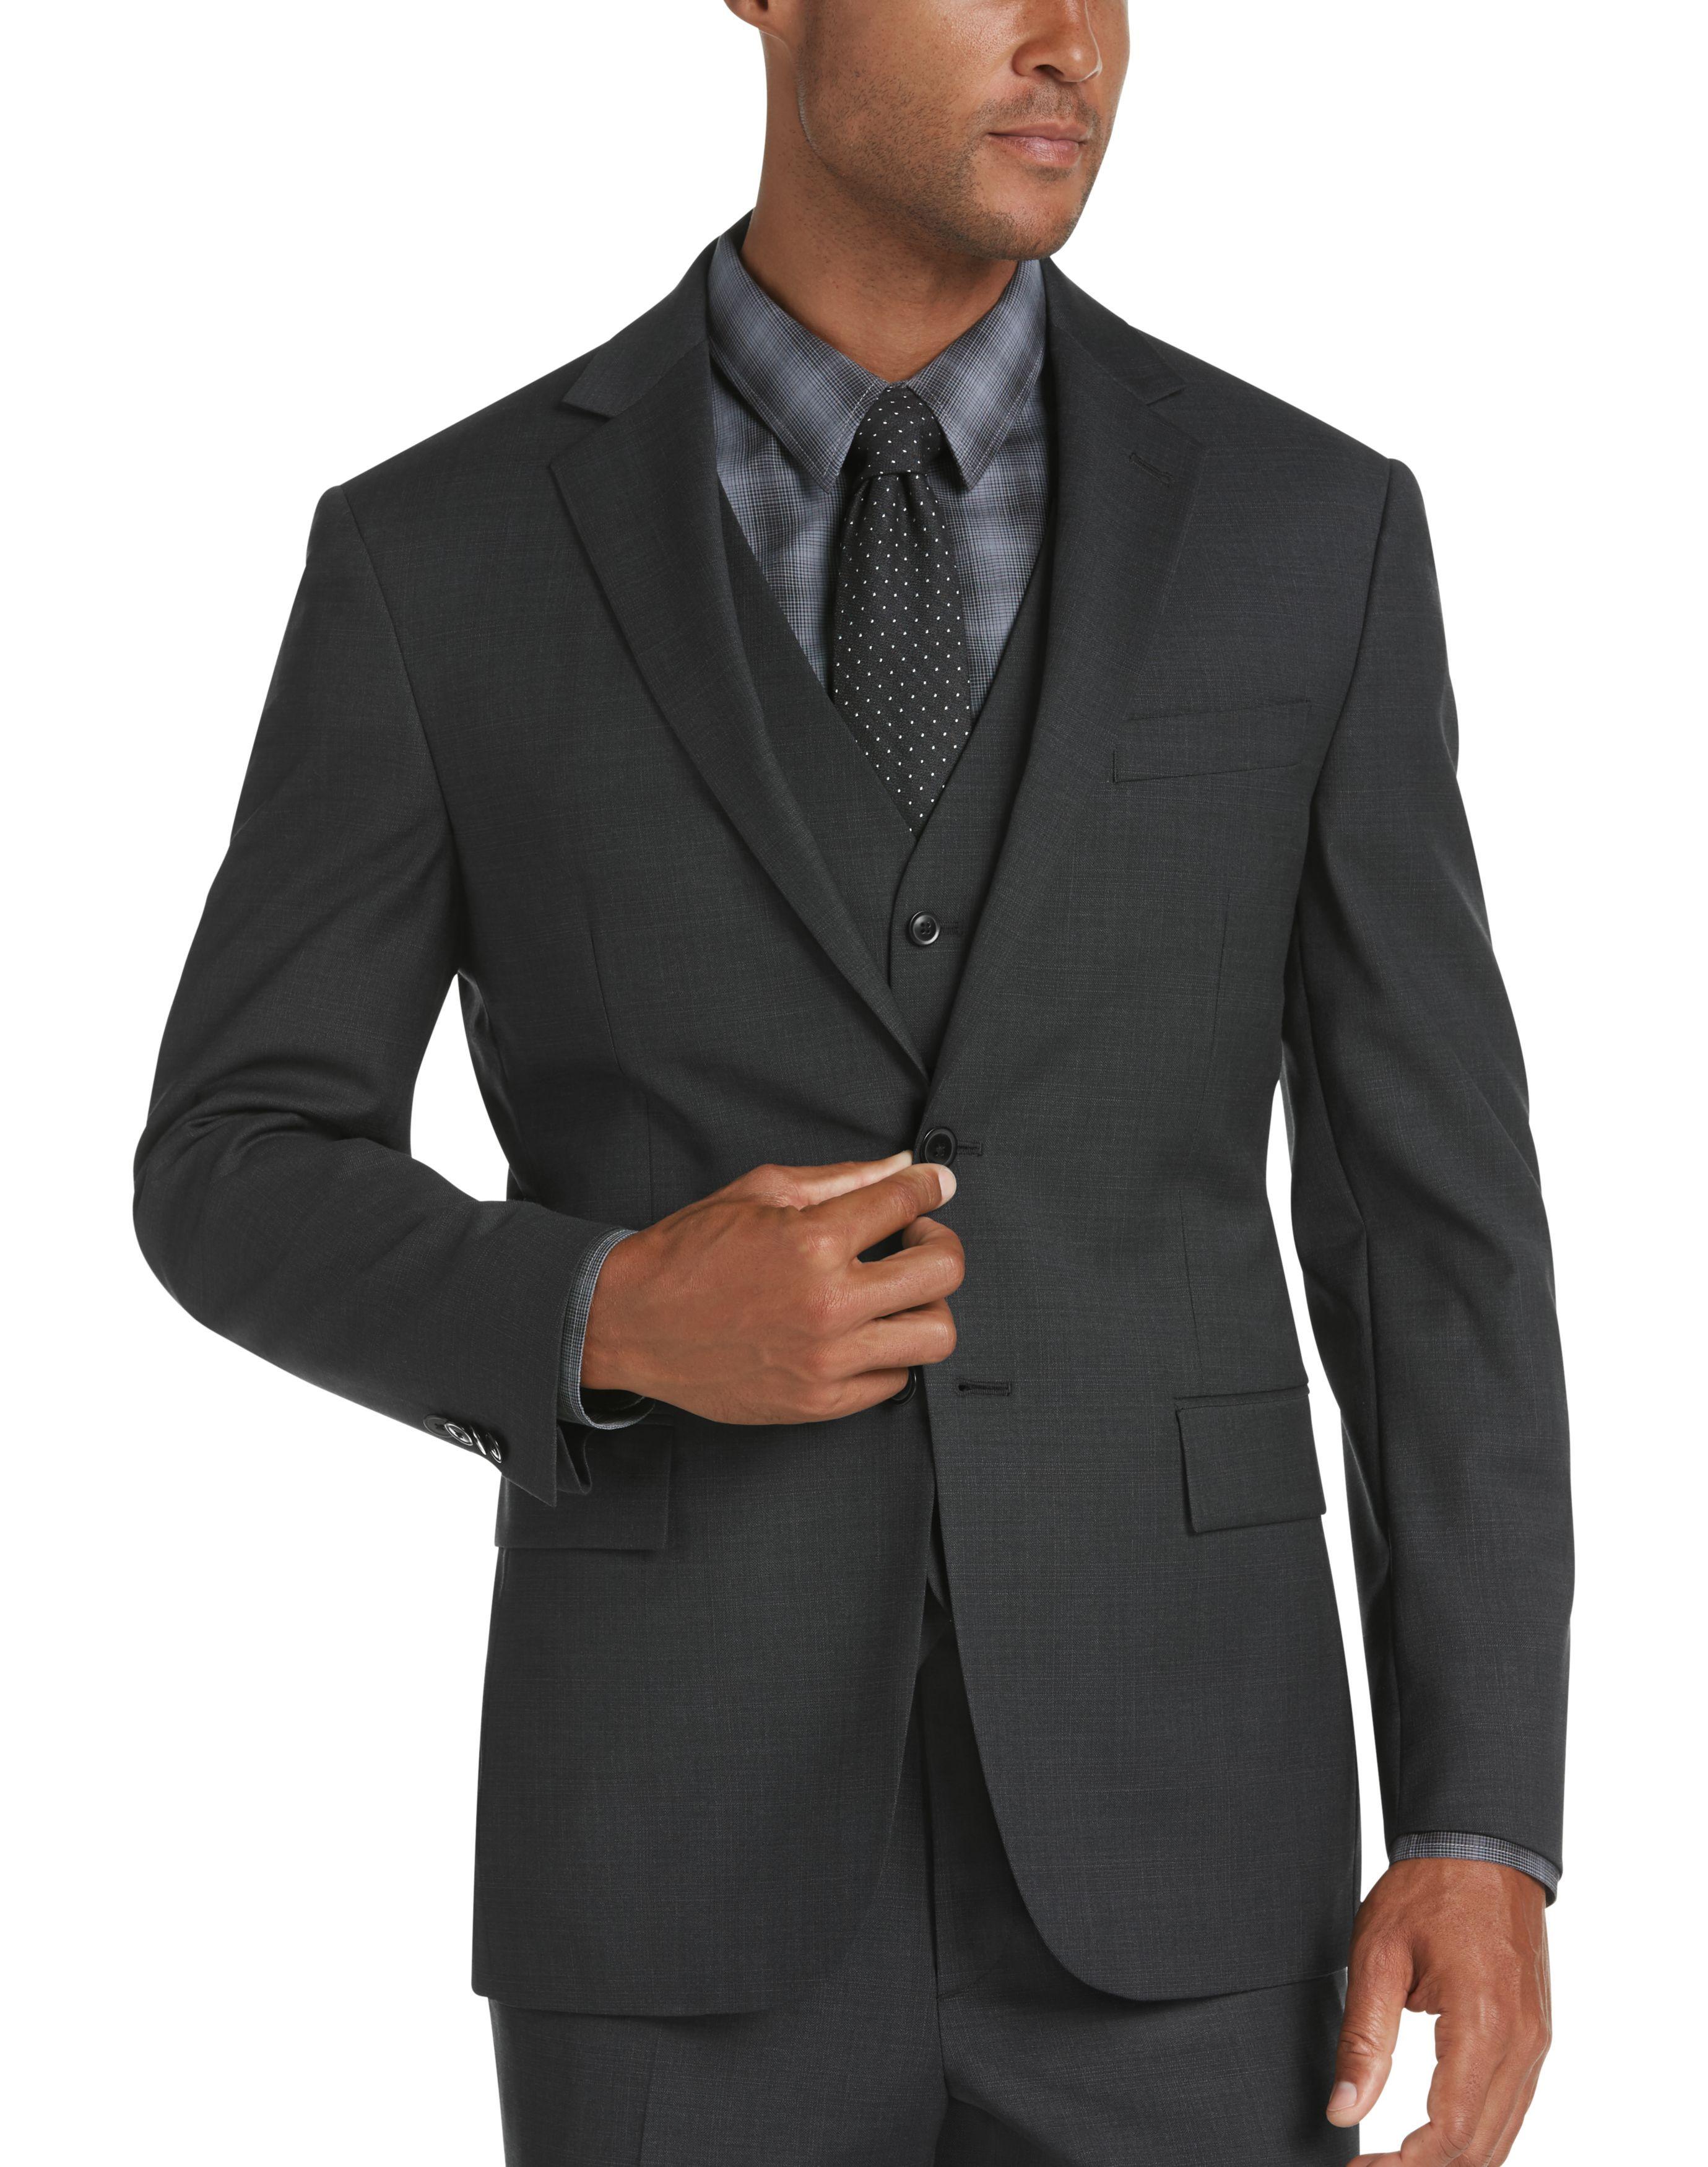 Business Suit Jacket Jacket, Pant,/& Vest Kenneth Cole REACTION Mens Skinny Fit Suit Separates